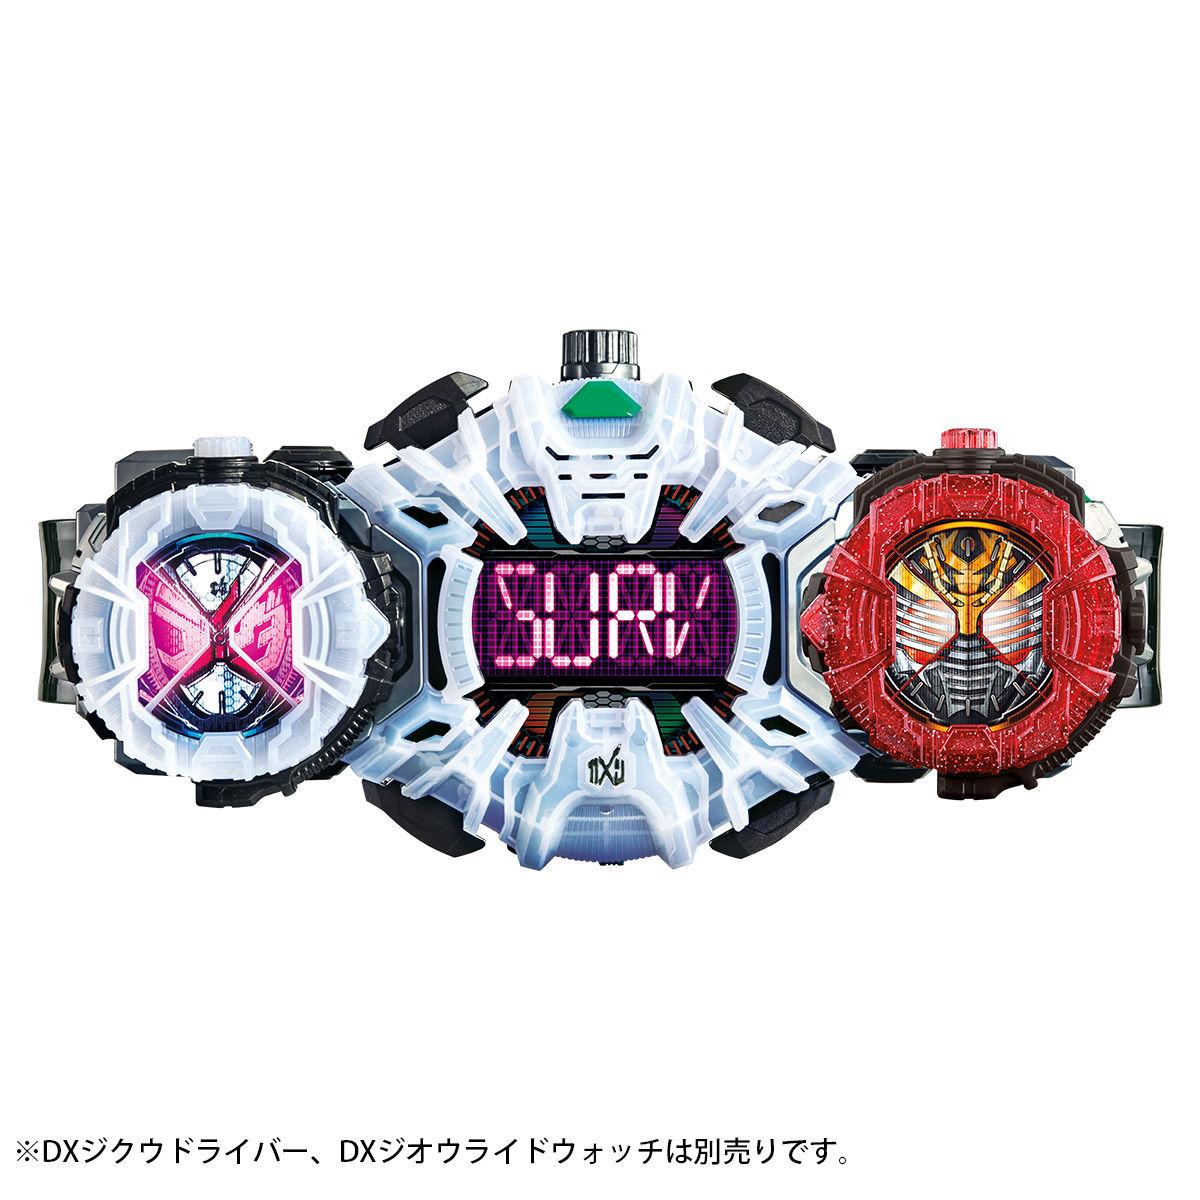 仮面ライダージオウ『DXライドウォッチセットVOL.1』変身なりきり-010